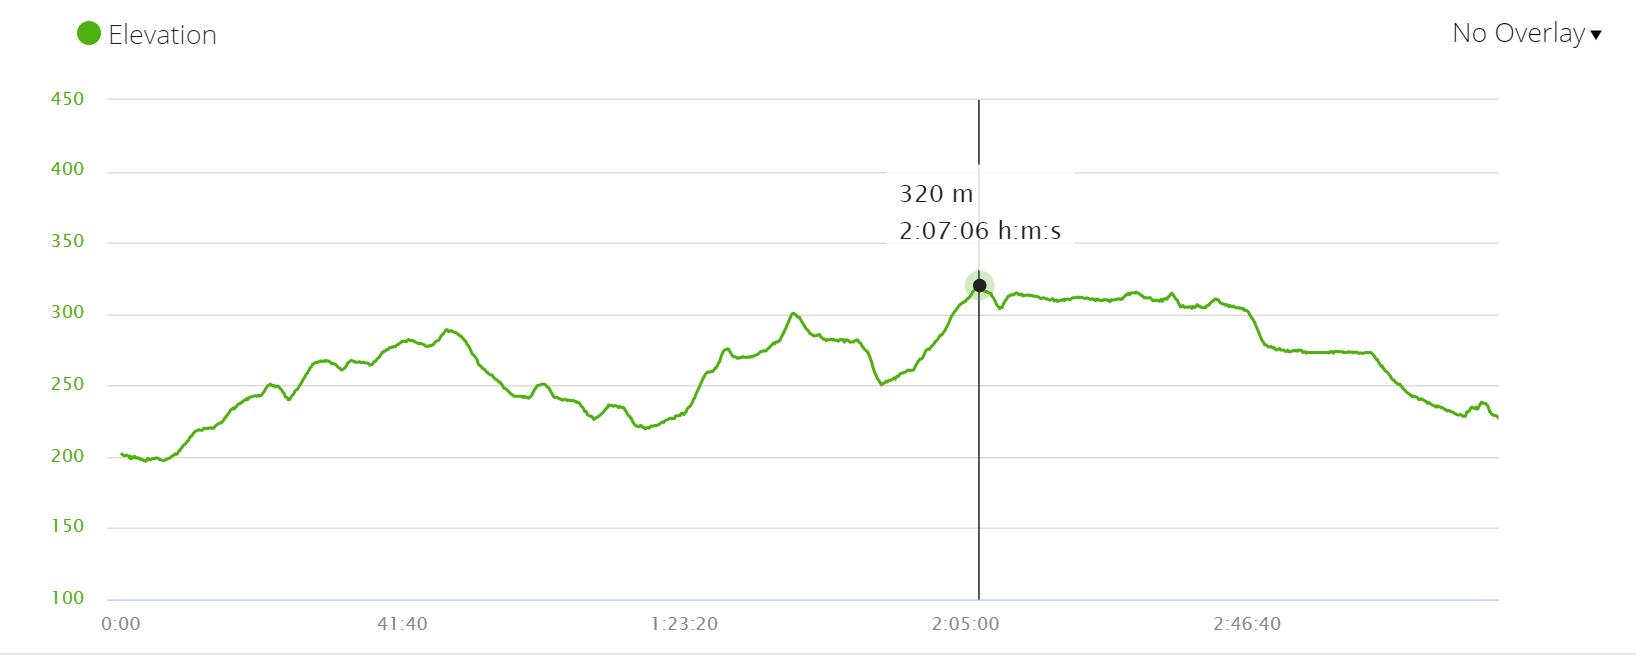 Camino Ingles Day 5 elevation profile, Camino de Santiago